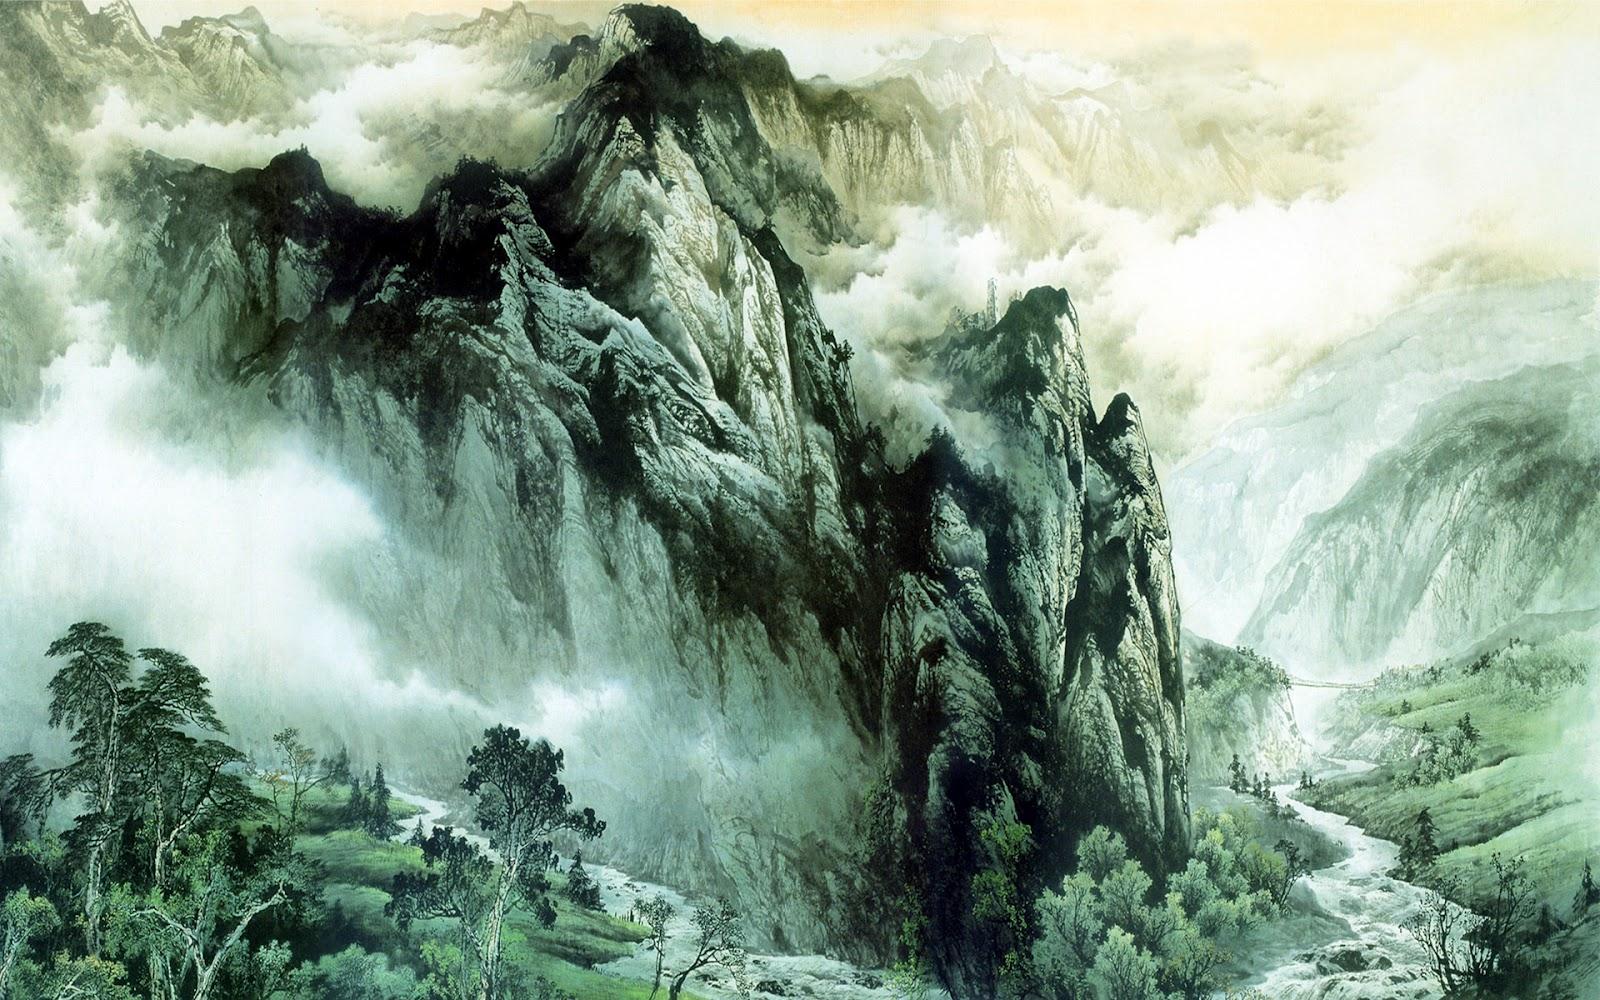 Hd wallpaper sai baba - Asian Art Wallpaper Desktop Wallpapersafari